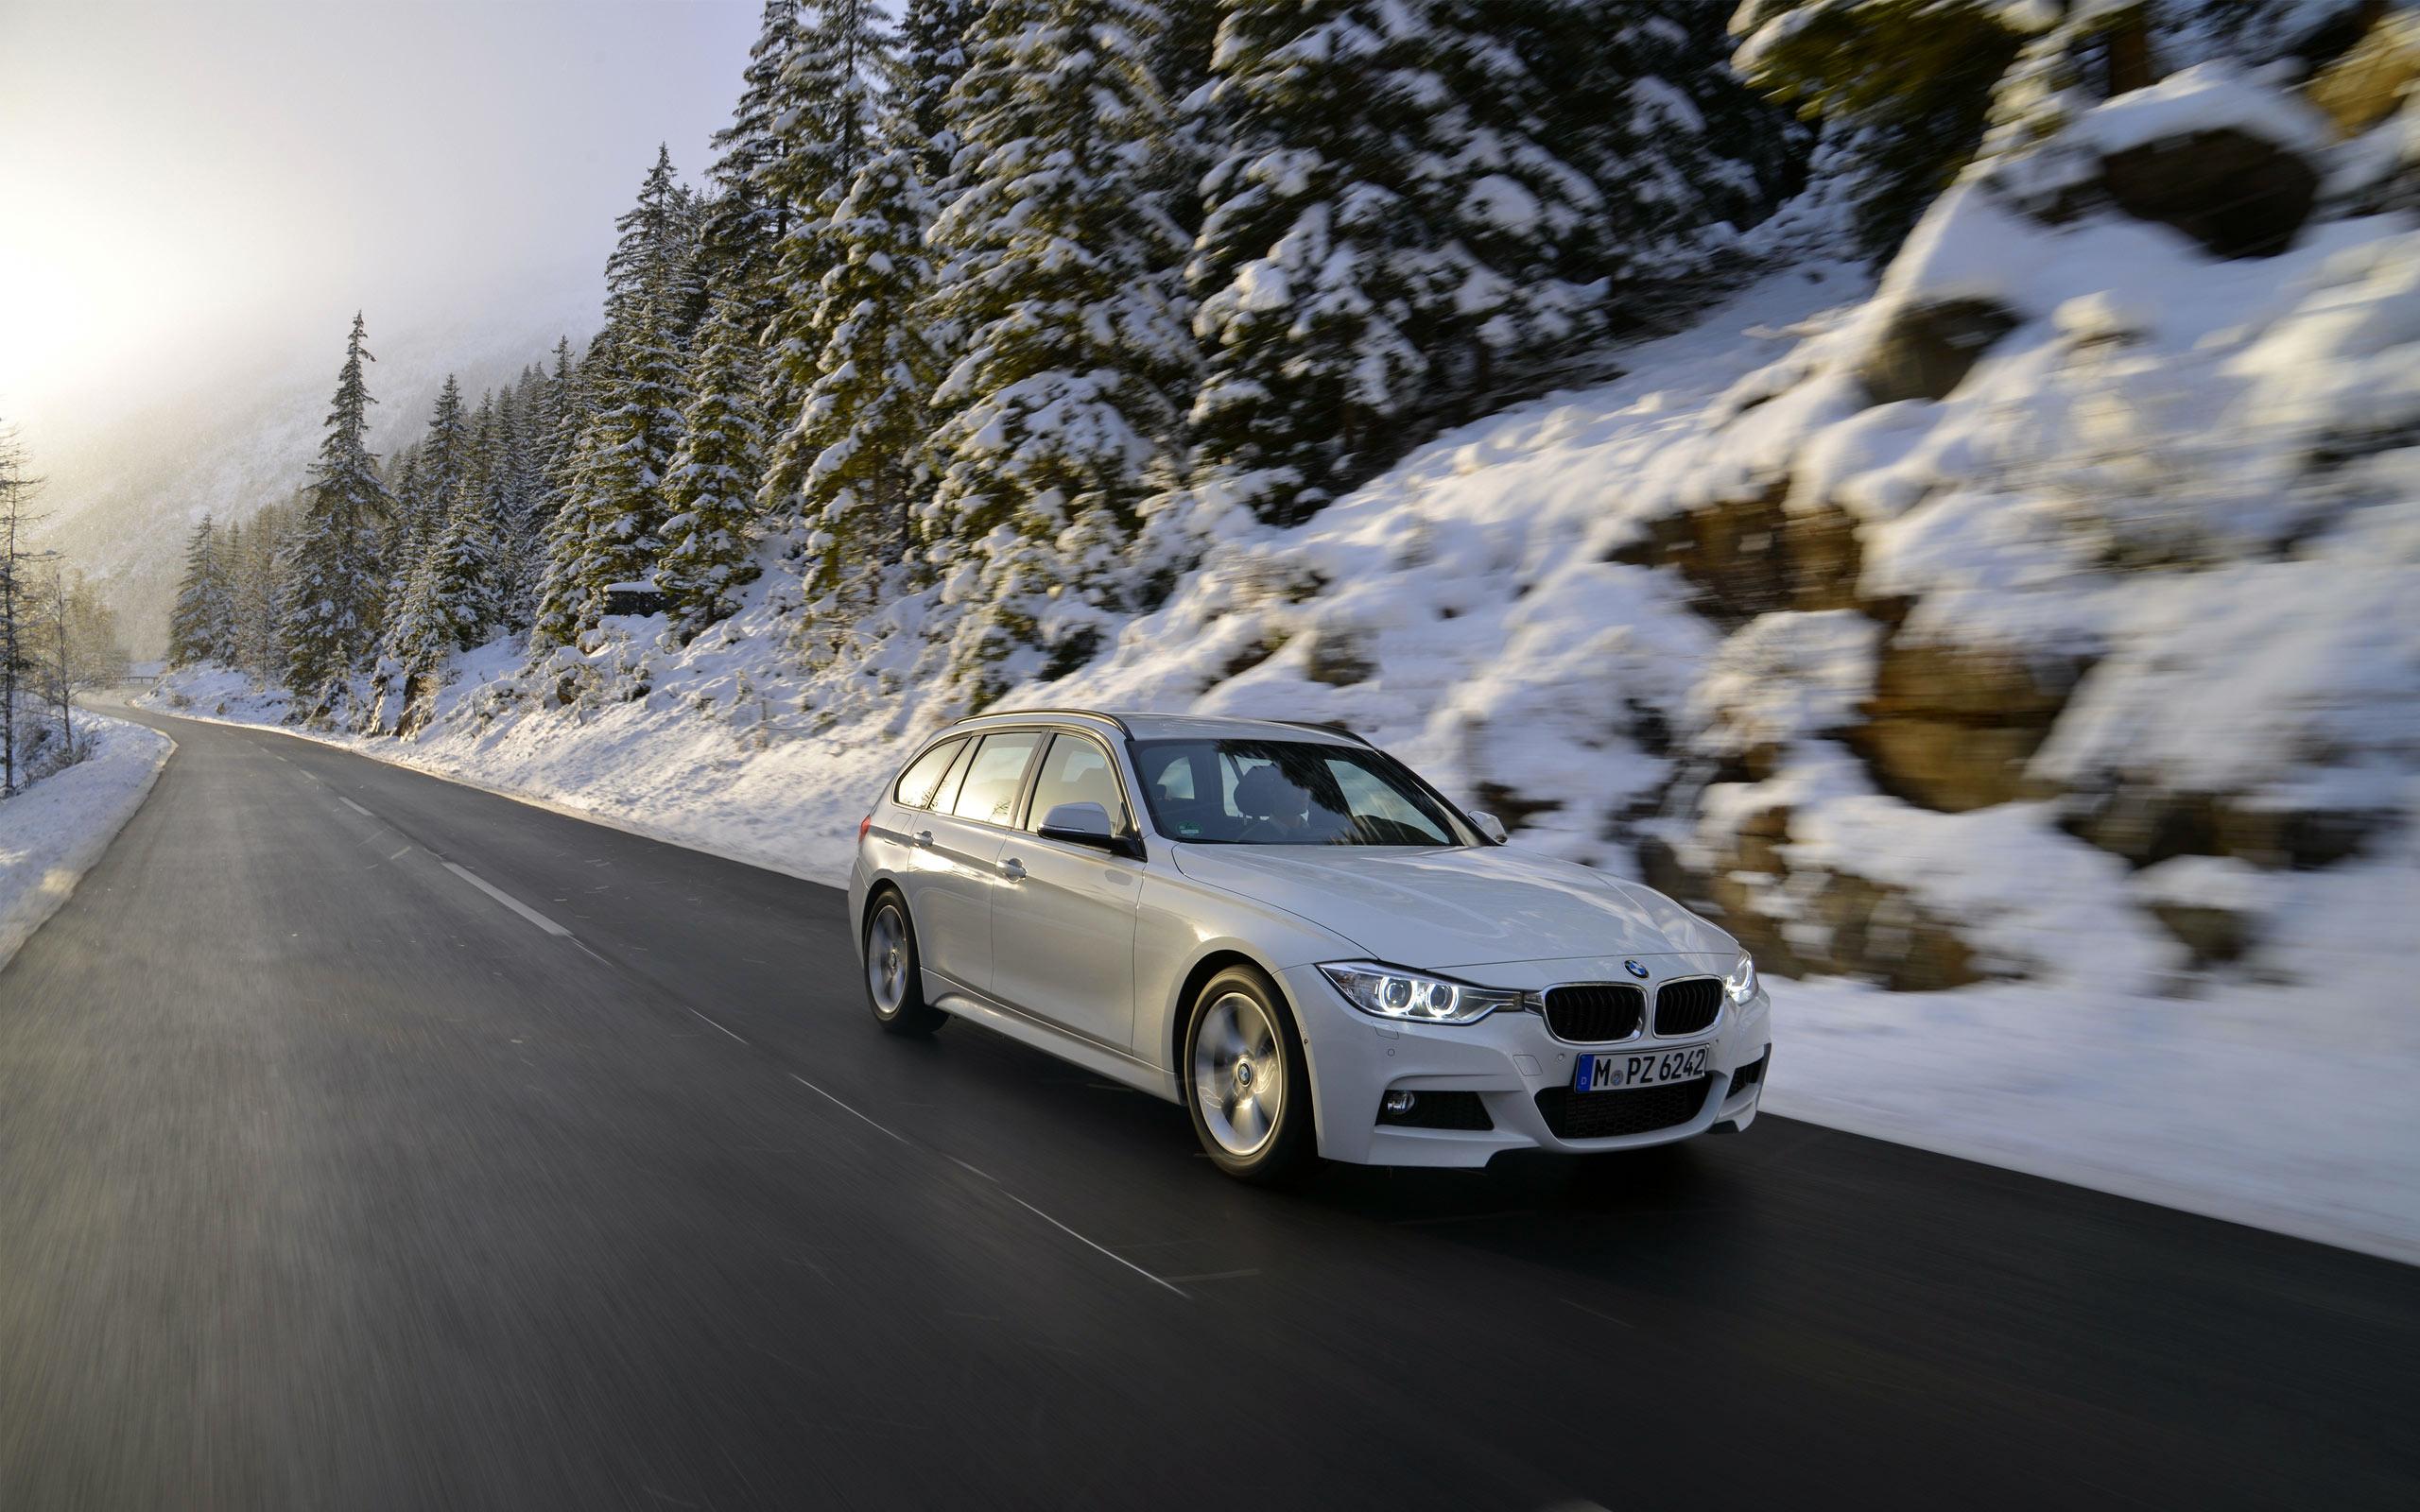 Красивые картинки с автомобилями зимой, прикол муж